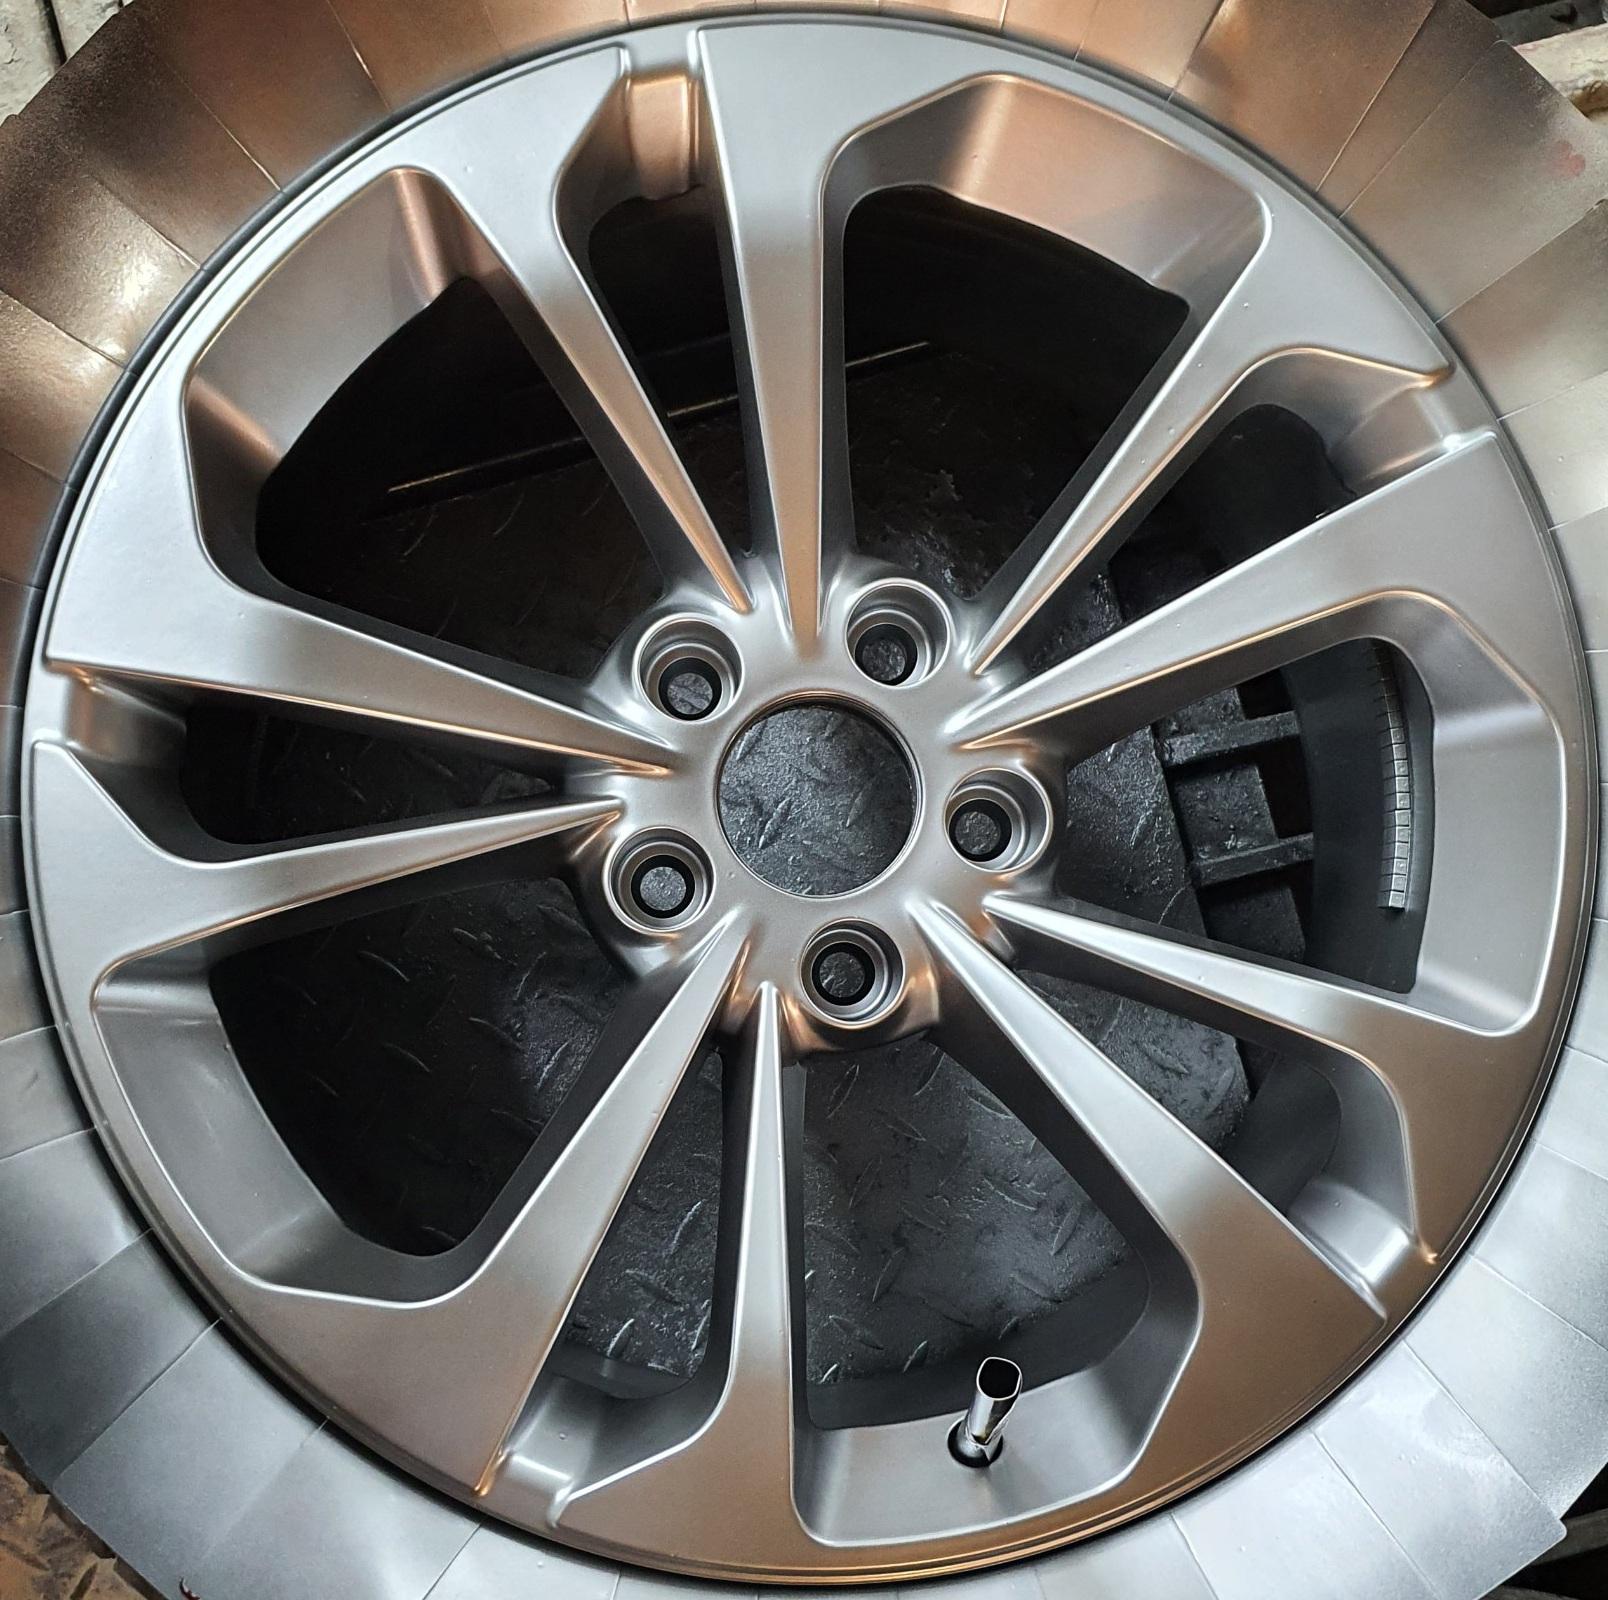 Sơn lazang - mâm xe màu Titan ánh thép tại Trung Tâm Kỹ Thuật Ô Tô Mỹ Đình THC